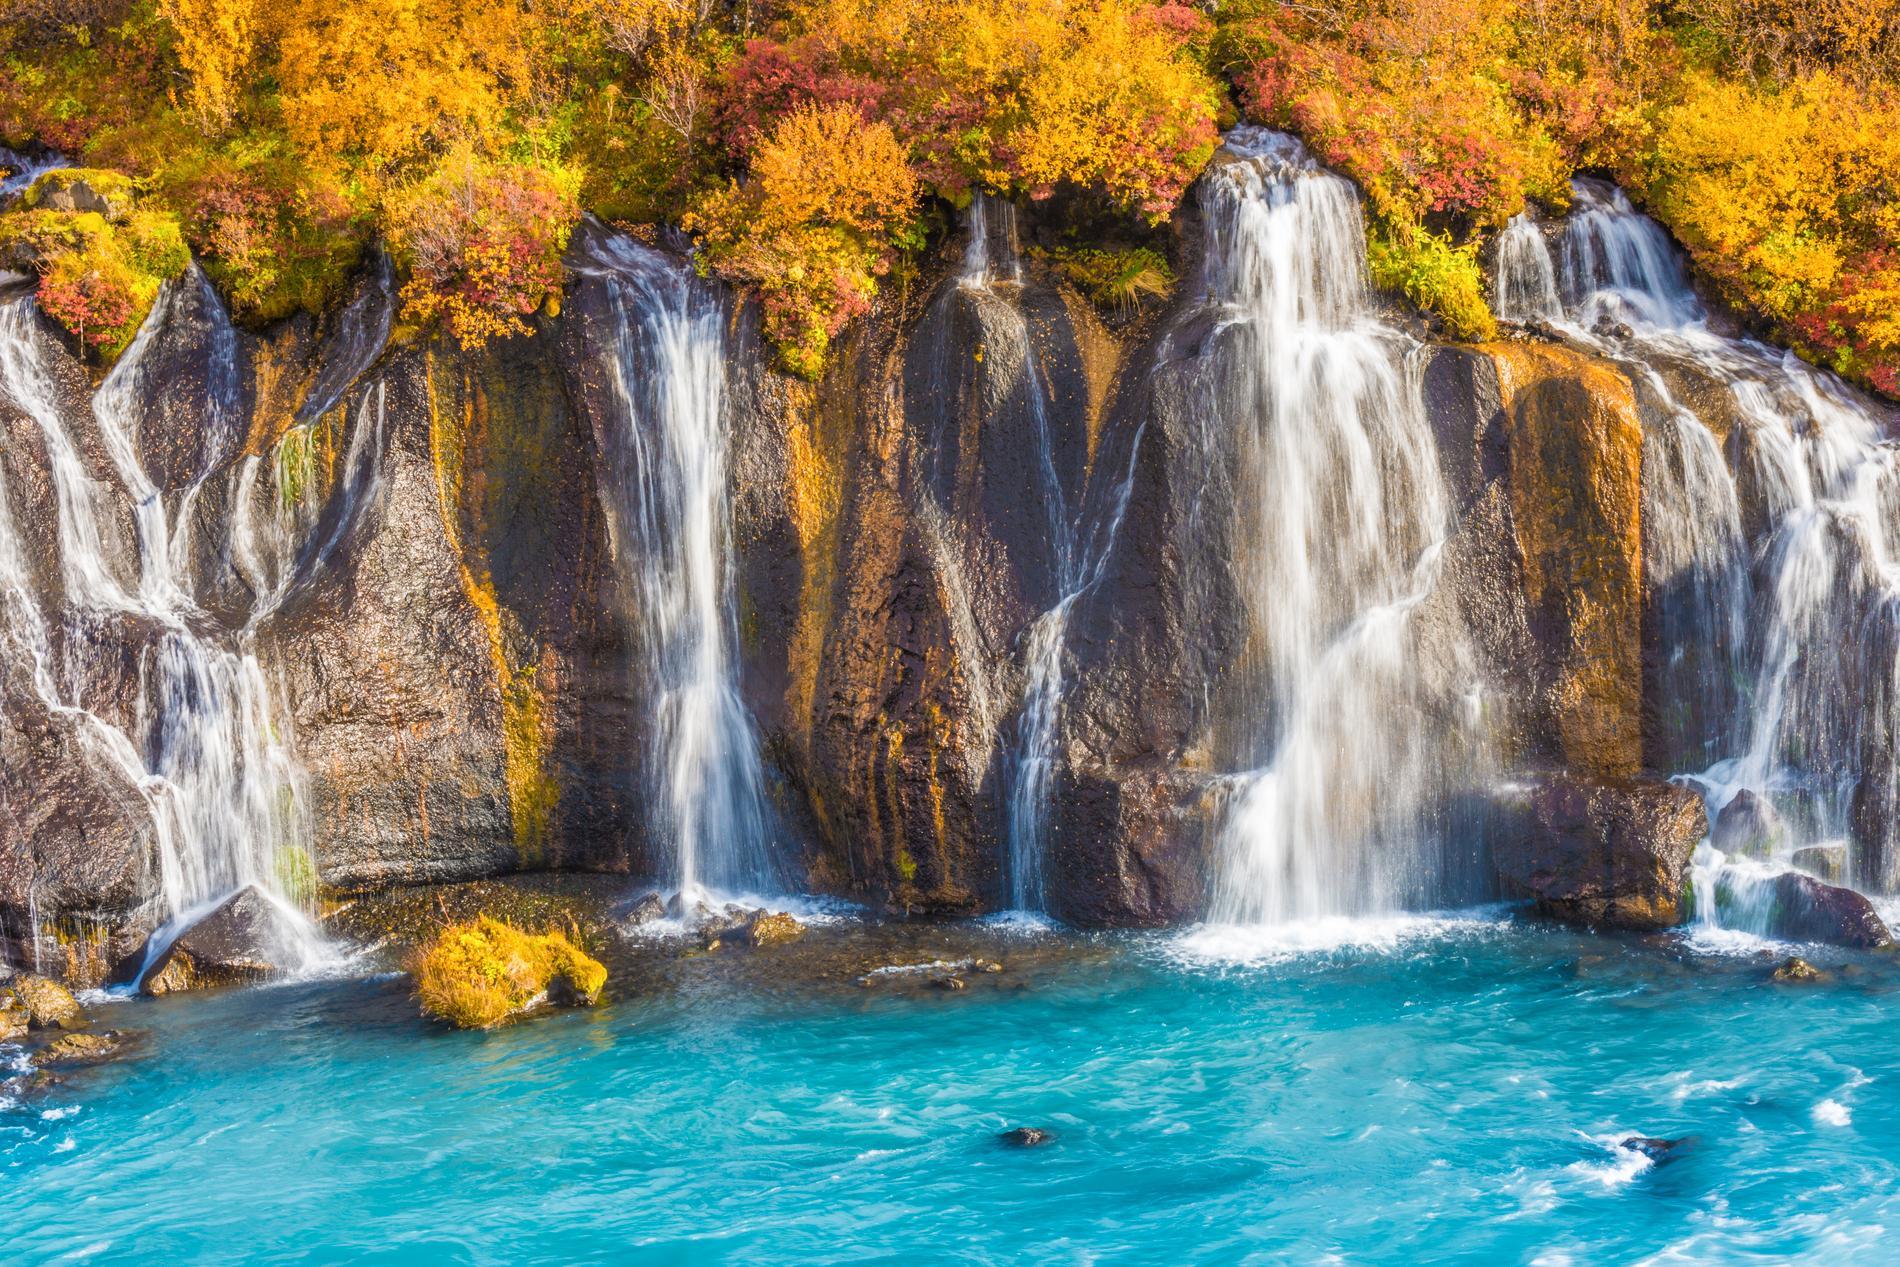 Vid vattenfallen Hraunfossar bildas en vacker kontrast mellan höstlöv och vattnets klarblå färg.